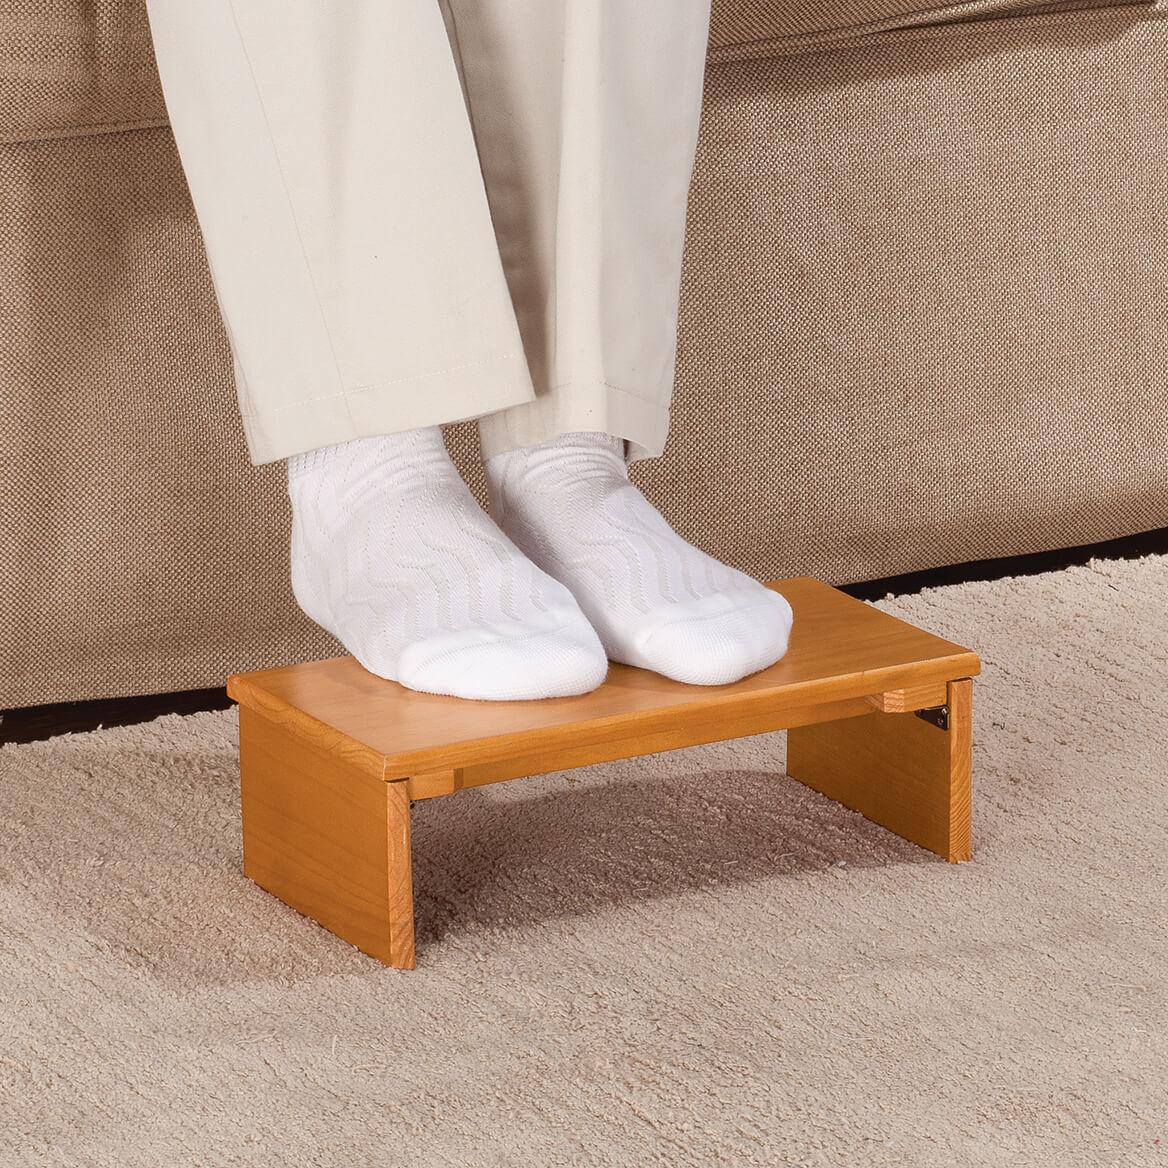 Folding Footrest by OakRidge™-352262